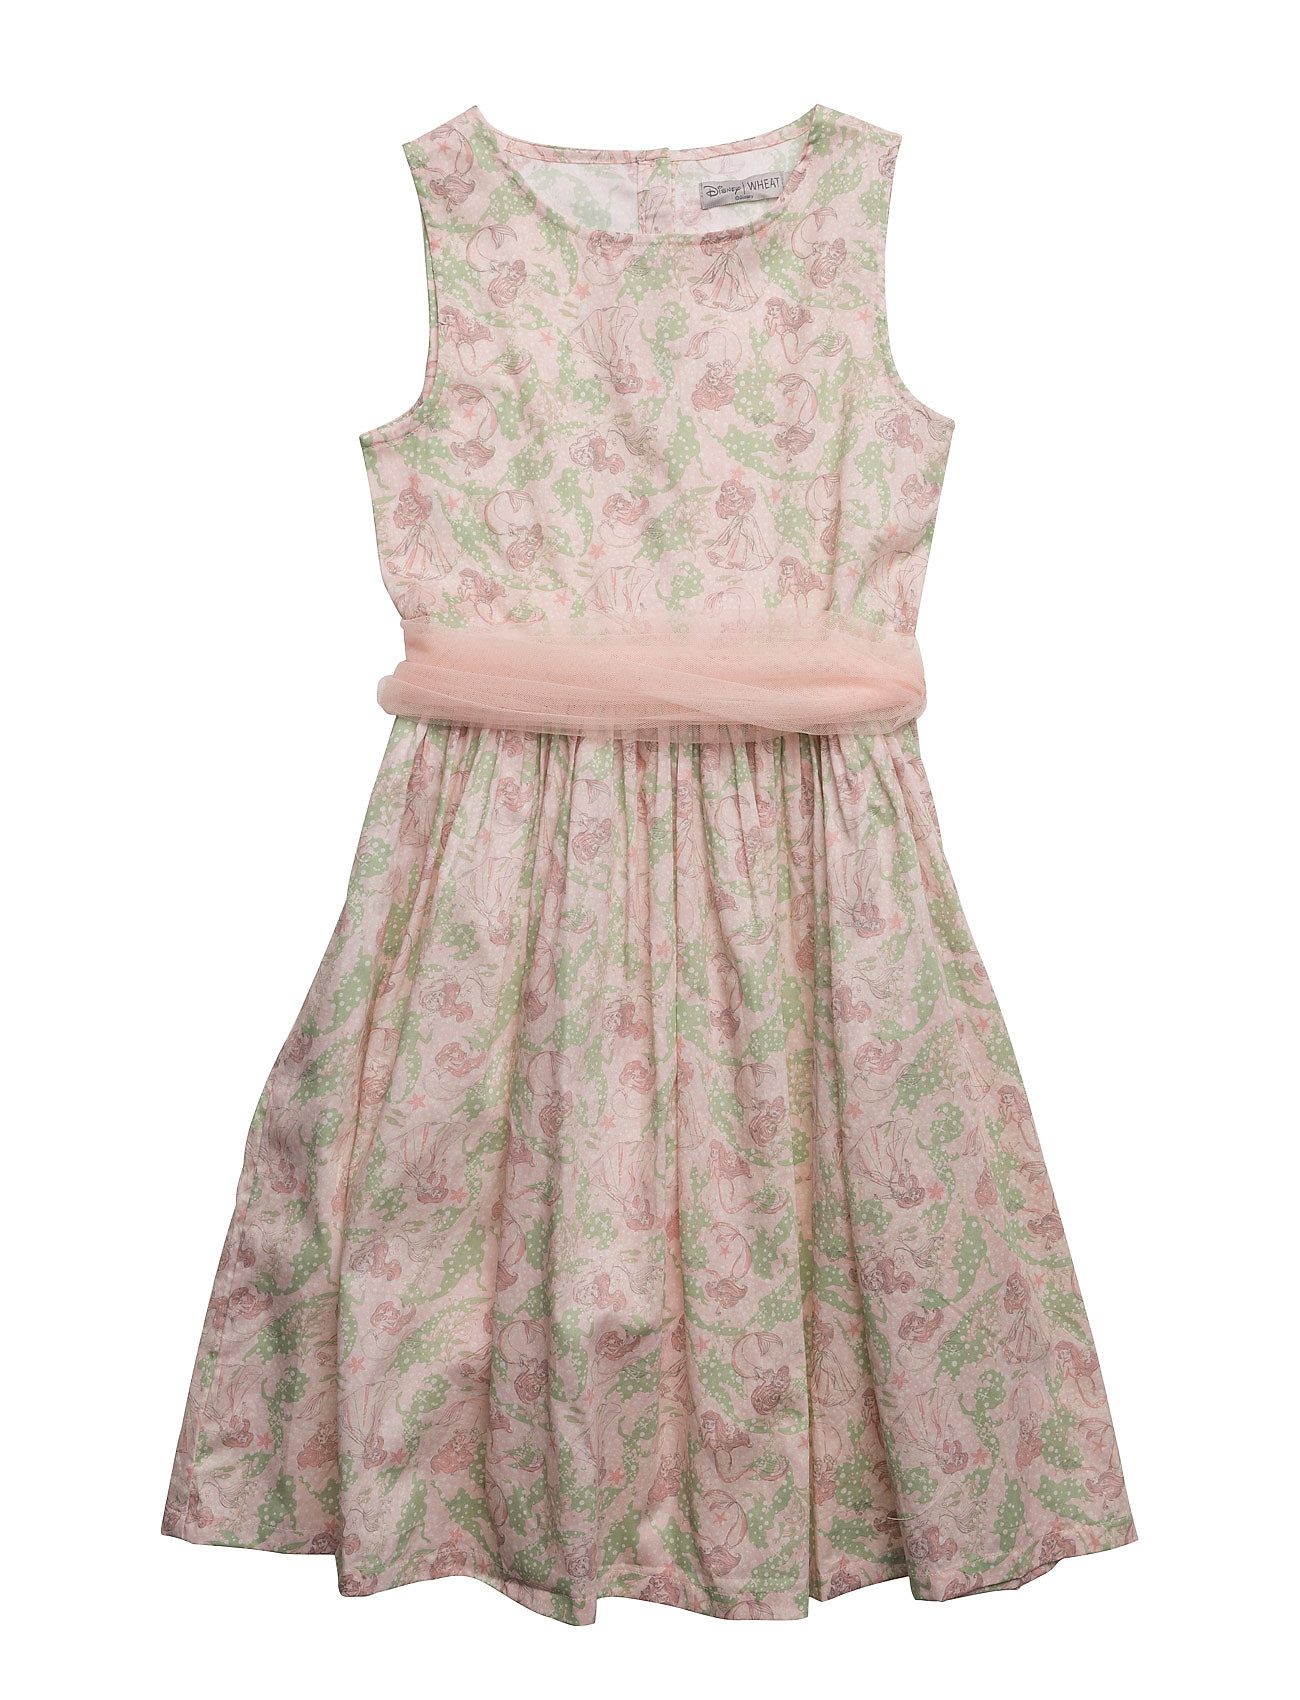 e76f3c50833 Shop Dress Princess Disney by Wheat Kjoler & Nederdele i Pulver til Piger  på Boozt.dk